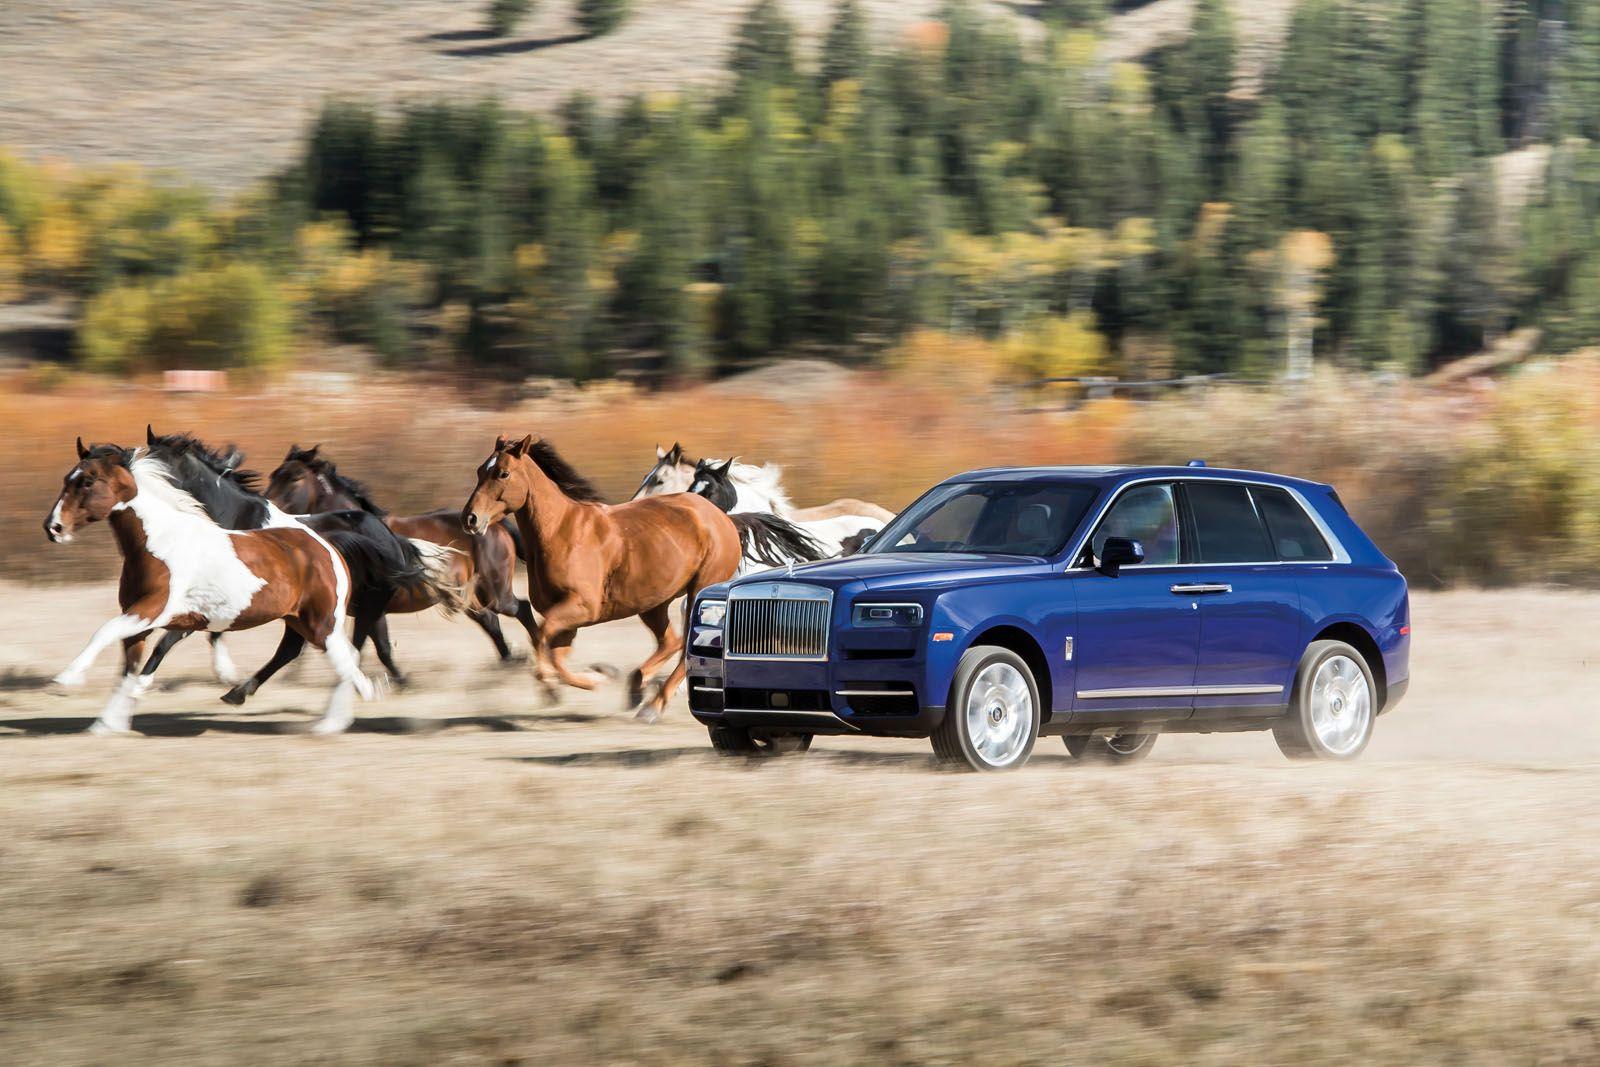 La Rolls Royce Cullinan è ugualmente a suo agio per le strade cittadine in crociera, come è corralling cavalli nelle terre selvagge del Wyoming